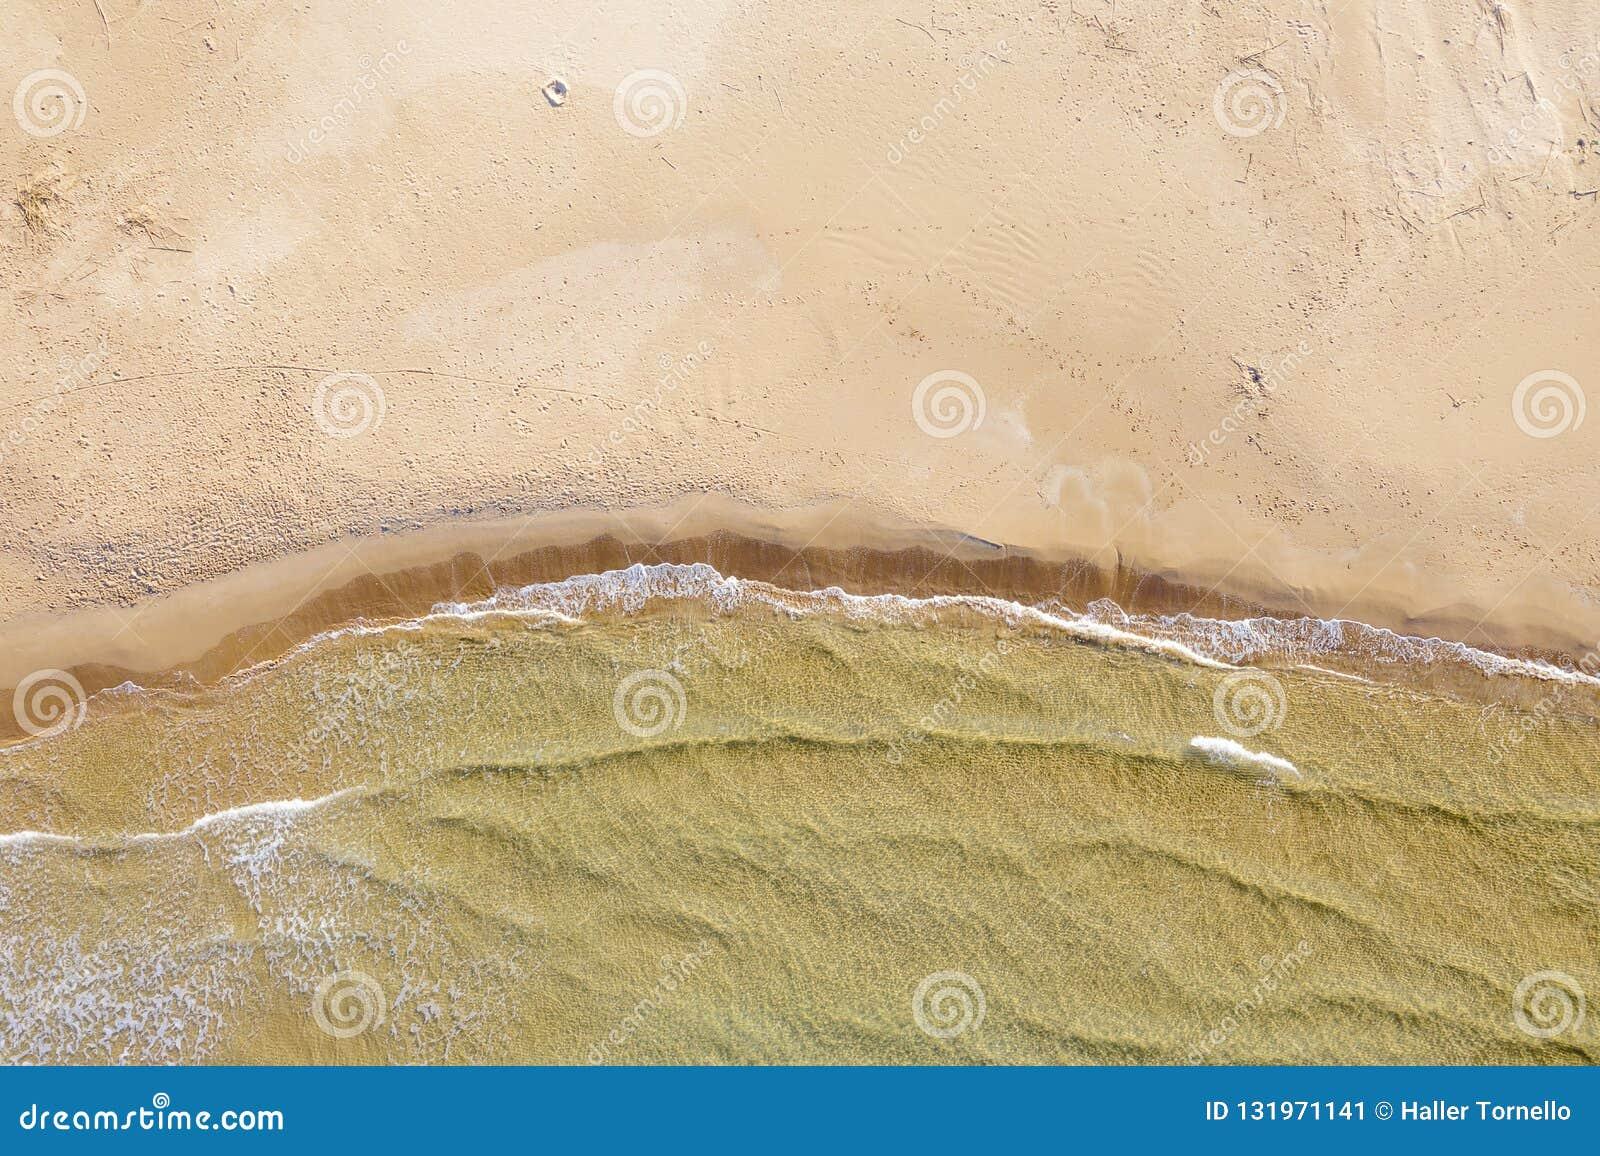 Satellietbeeld van een strand met golven